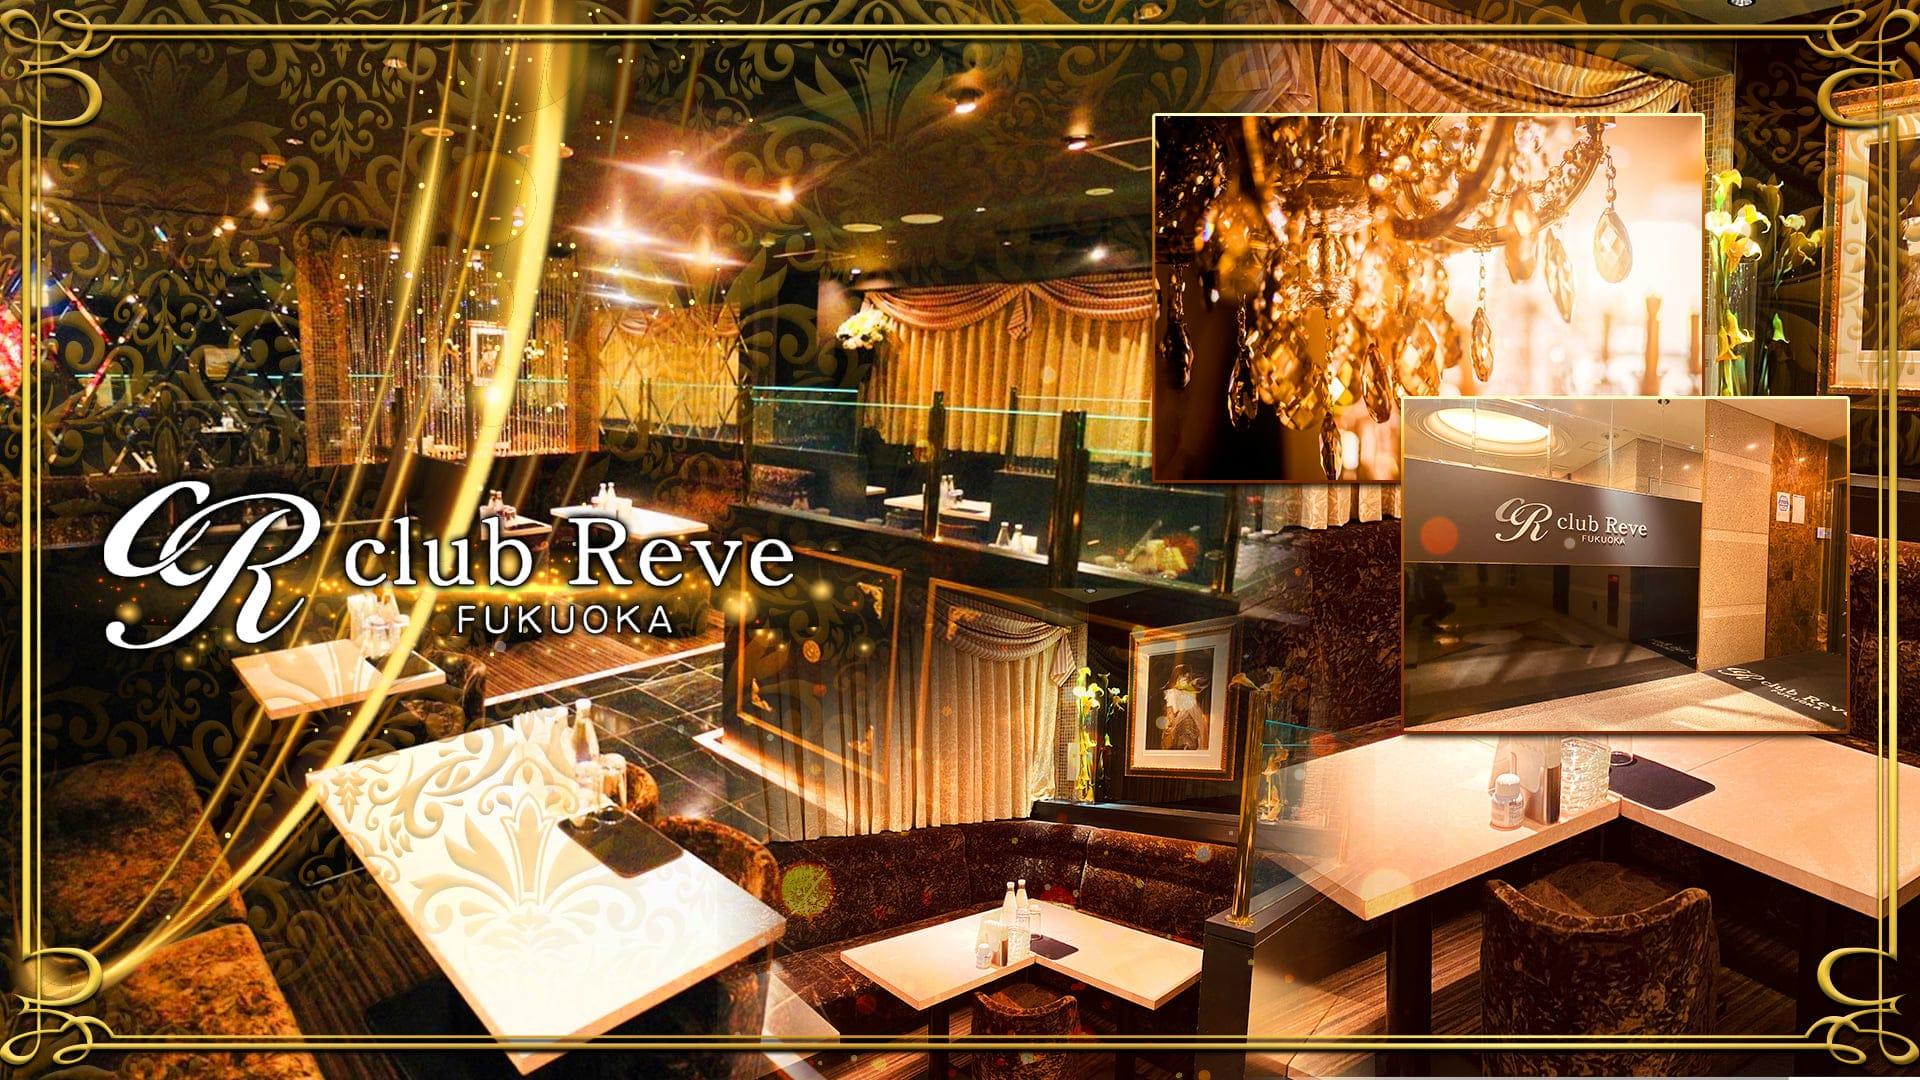 club Reve(レーヴ)【公式求人・体入情報】 中洲ニュークラブ TOP画像